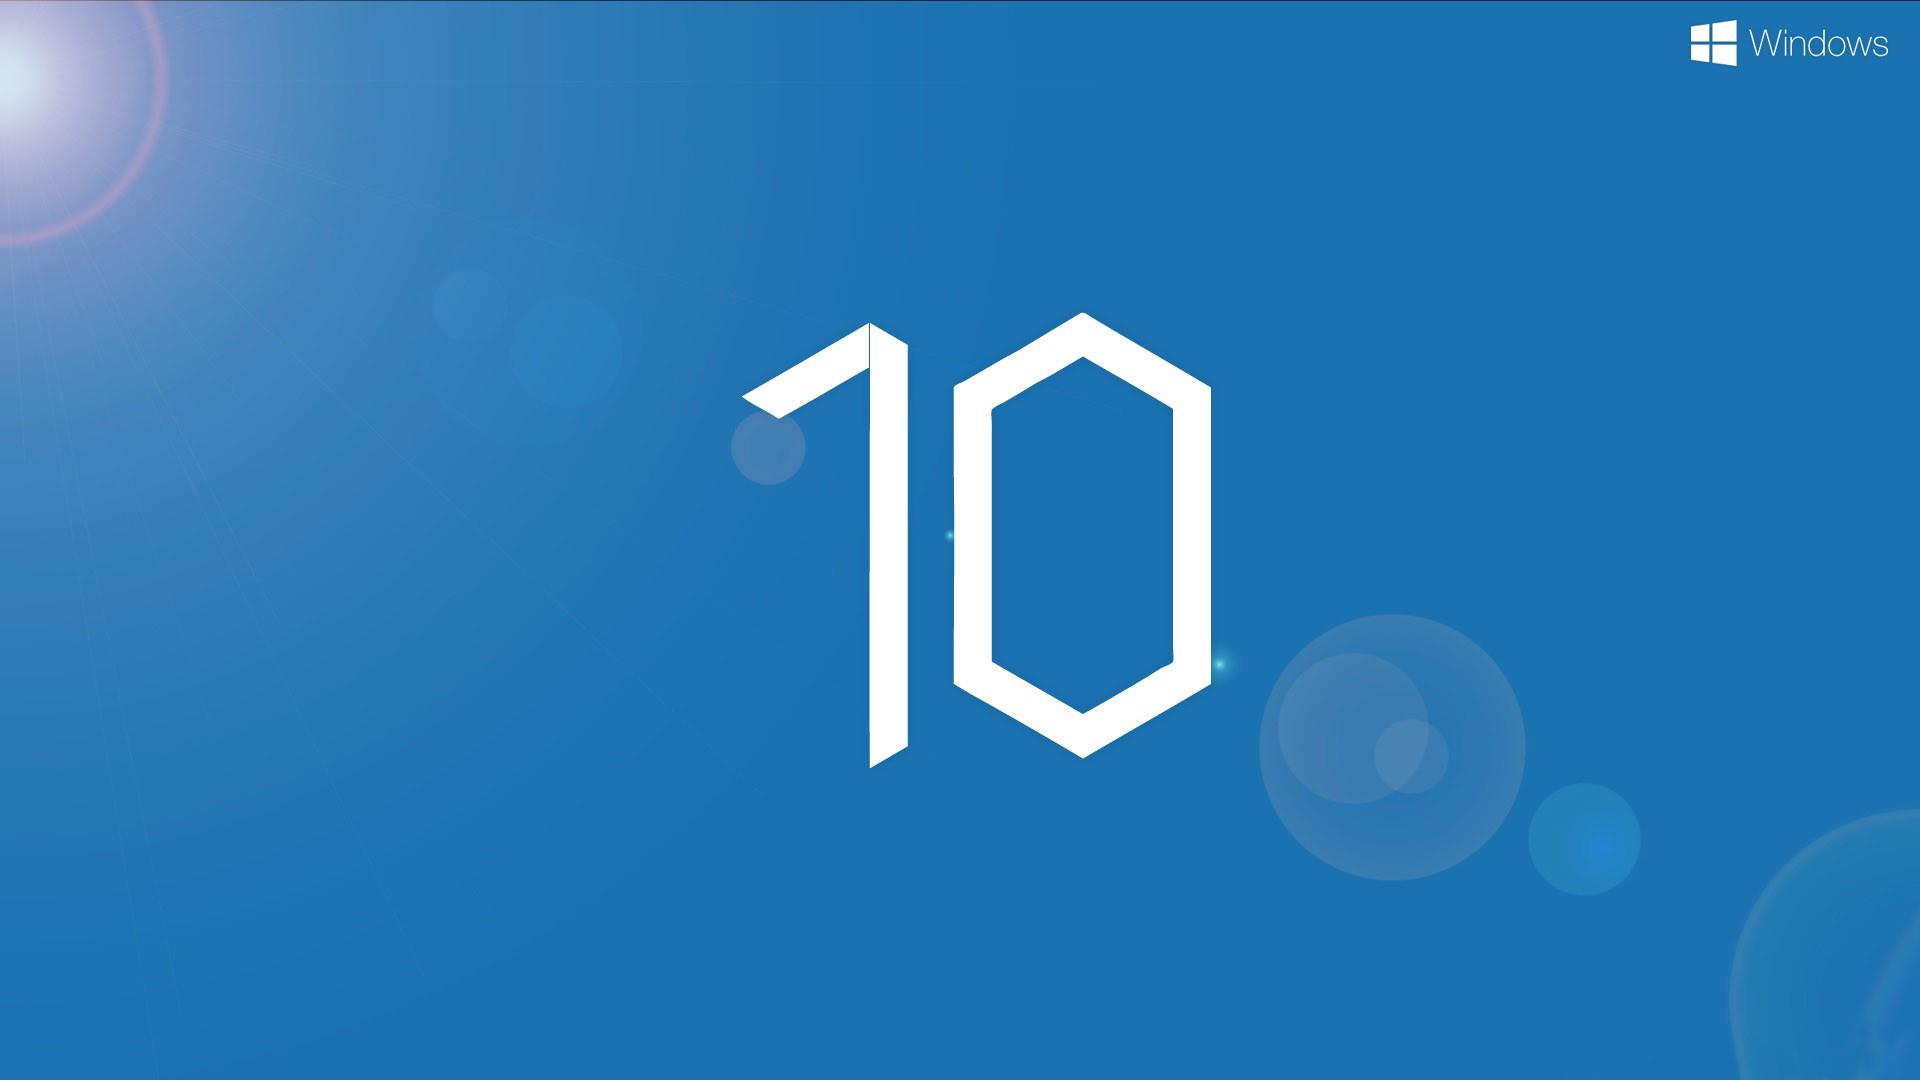 Amazing Windows 10 Wallpaper Desktop Wallpaper with .